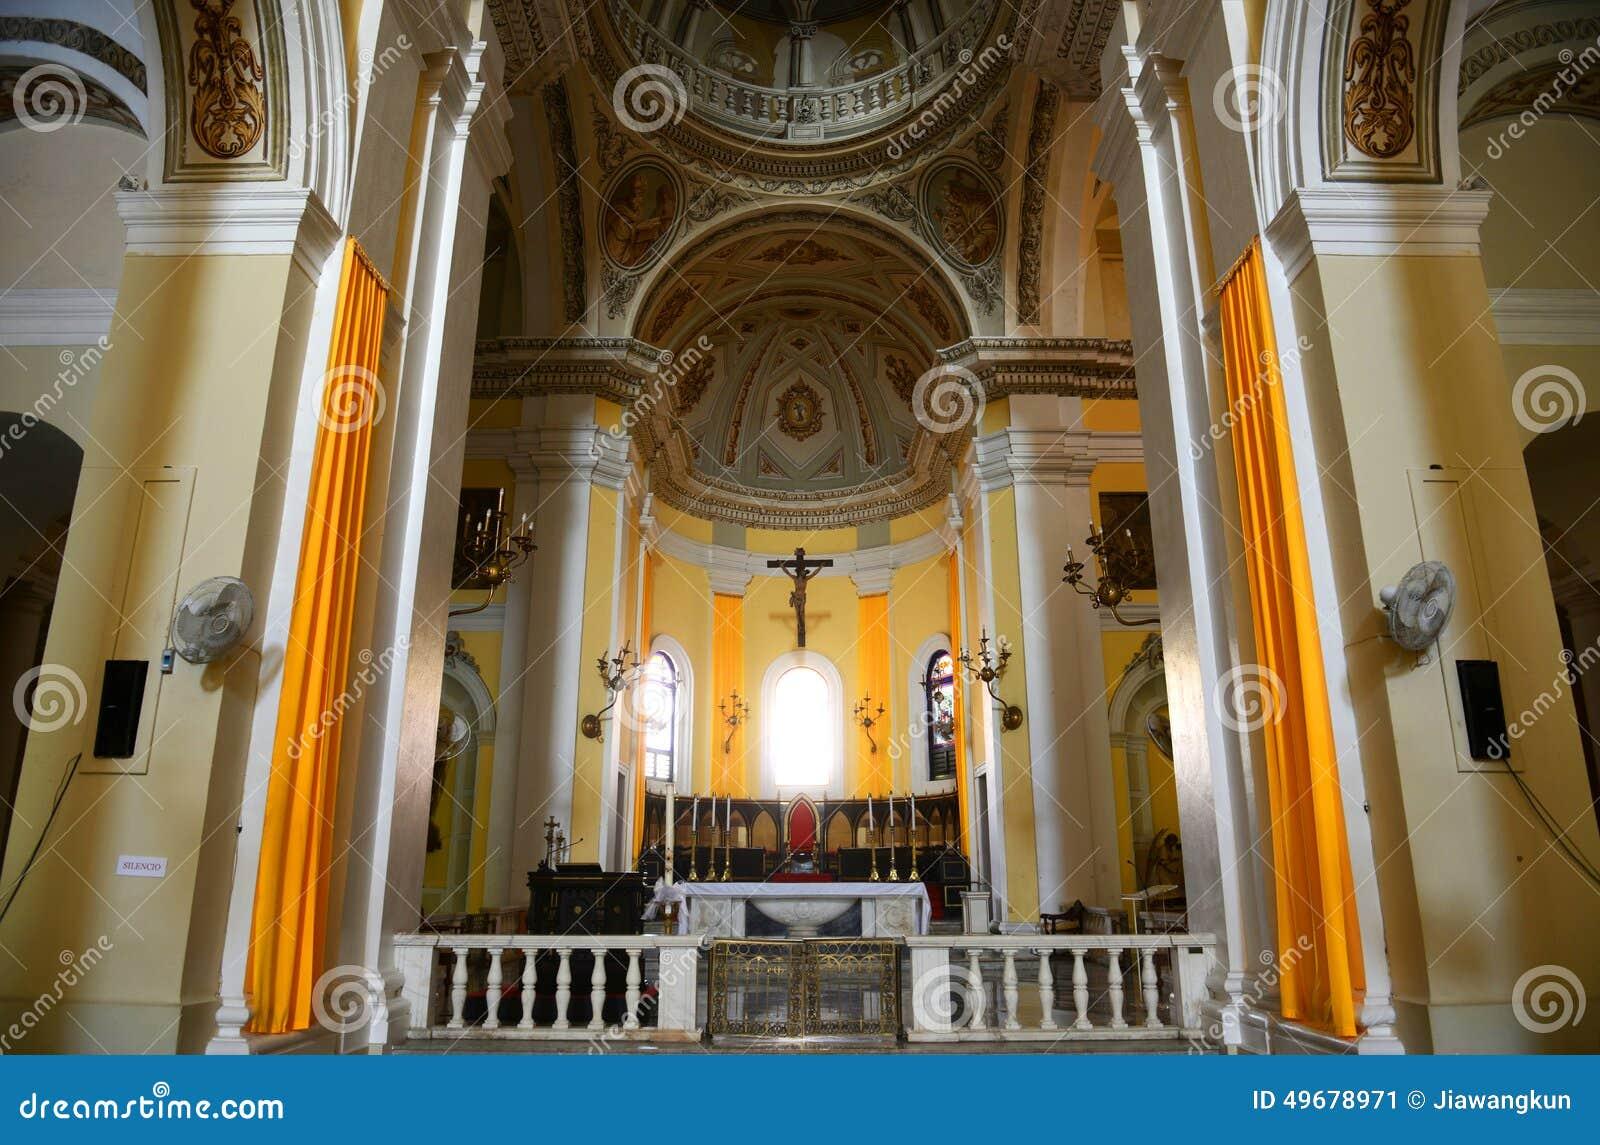 Cathedral Of San Juan Bautista, San Juan, Puerto Rico Stock Photo ...